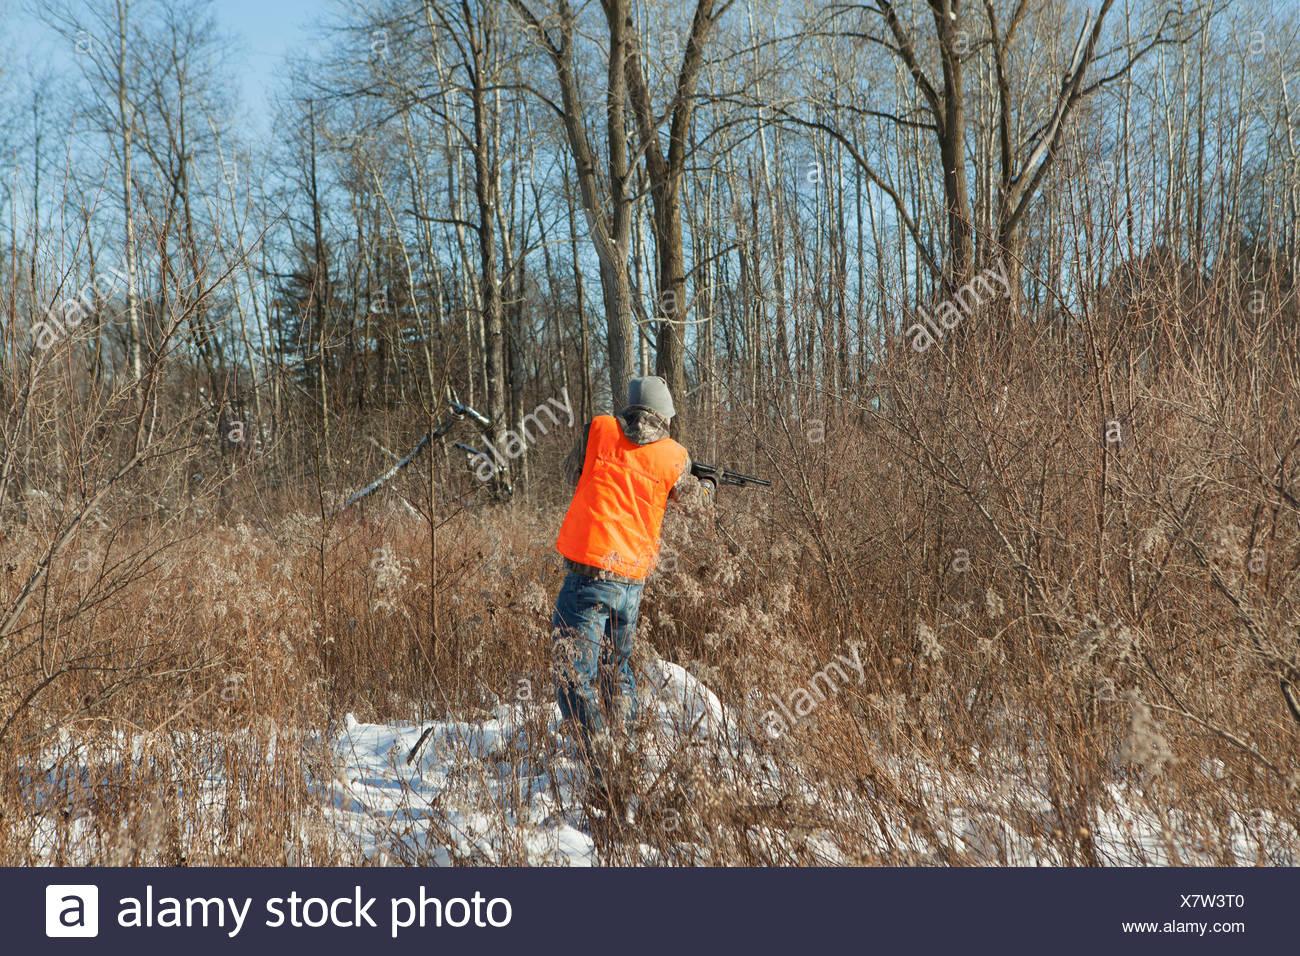 Adolescente dispara silvestre en Petersburg State Área de juegos, Michigan, EE.UU. Imagen De Stock